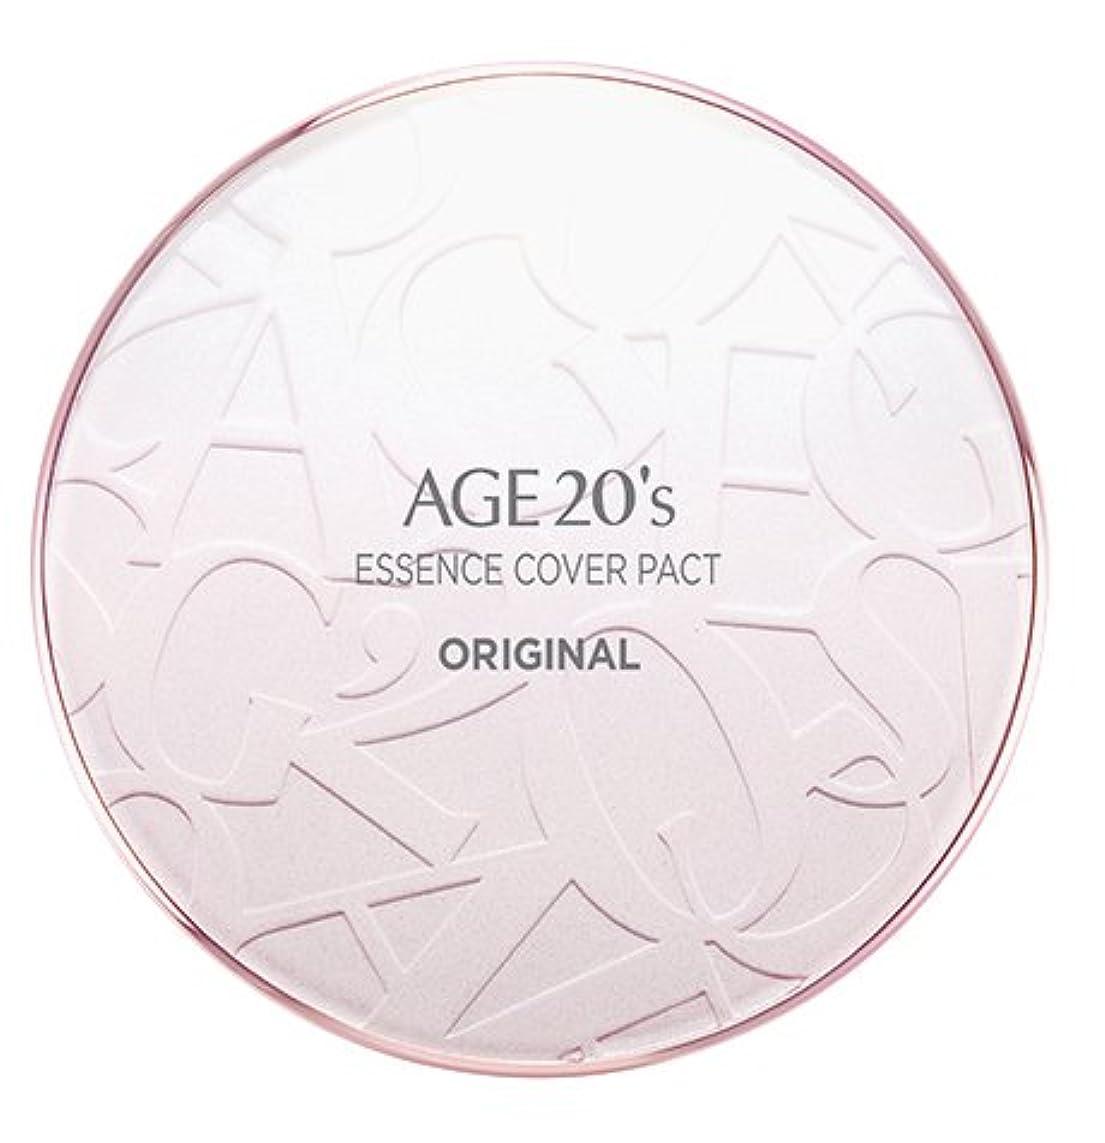 練習道を作る遺体安置所AGE 20's Essence Cover Pact Original [Pink Latte] 12.5g + Refill 12.5g (#21)/エイジ 20's エッセンス カバー パクト オリジナル [ピンクラテ...